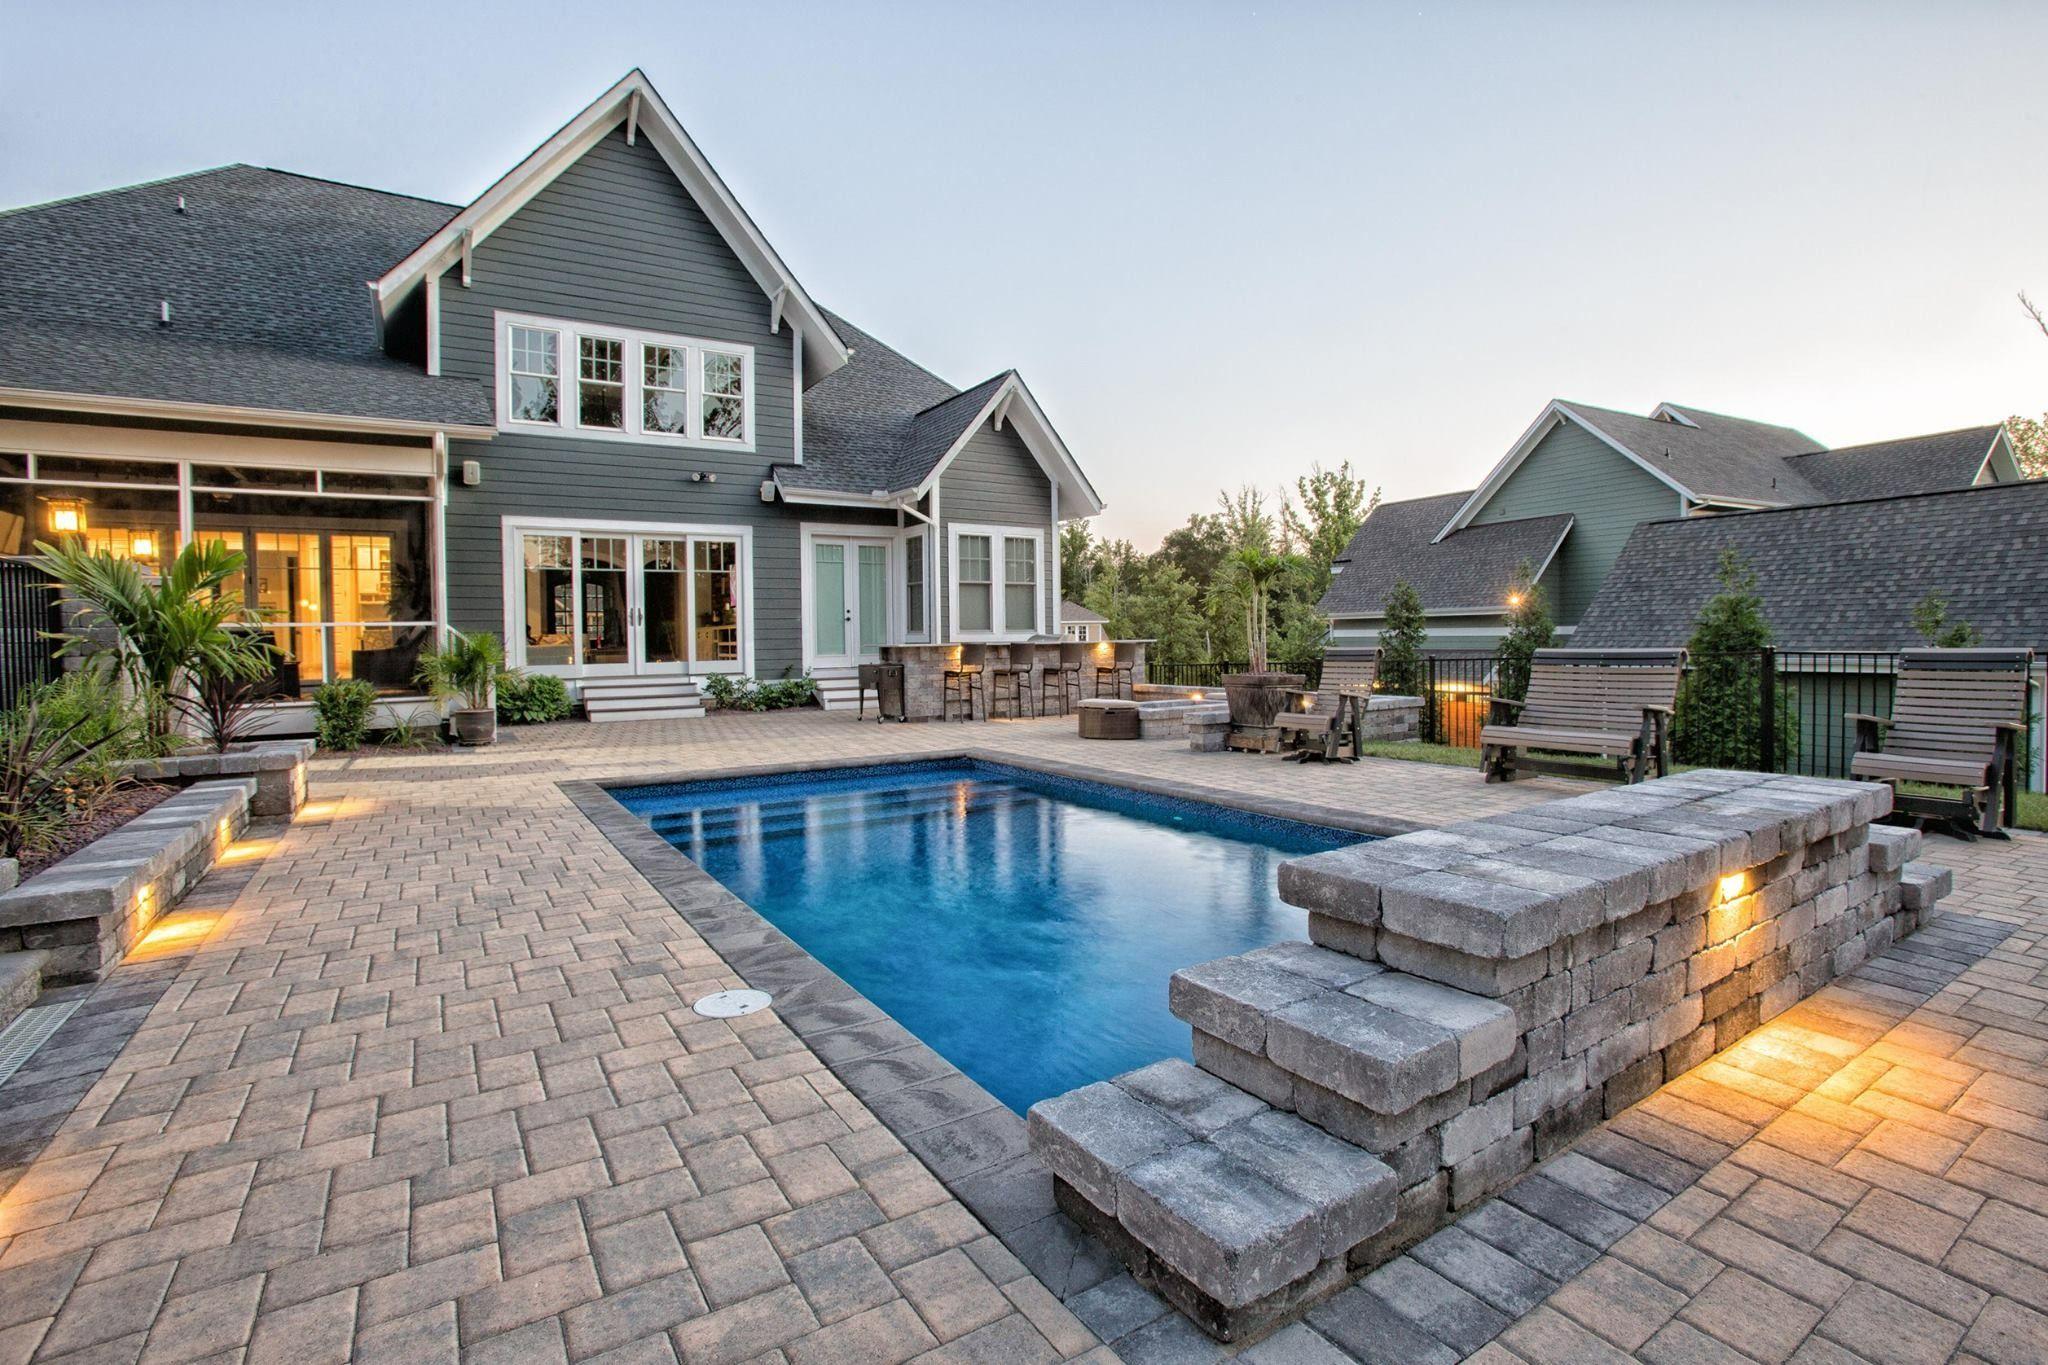 House Pools, Porch, Patio, House Porch, Terrace, Front Porches, Porches,